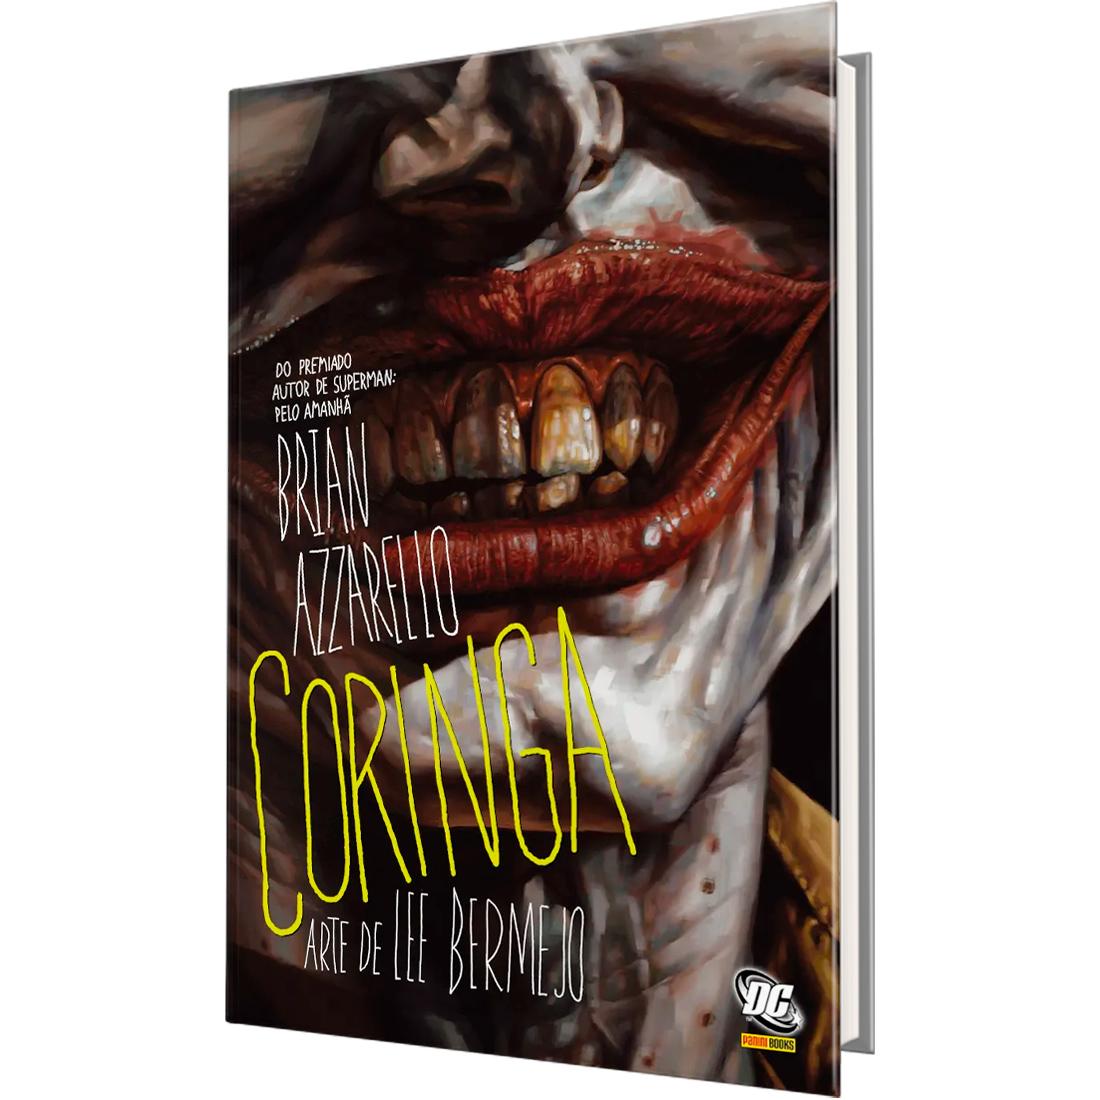 Coringa - Brian Azzarello